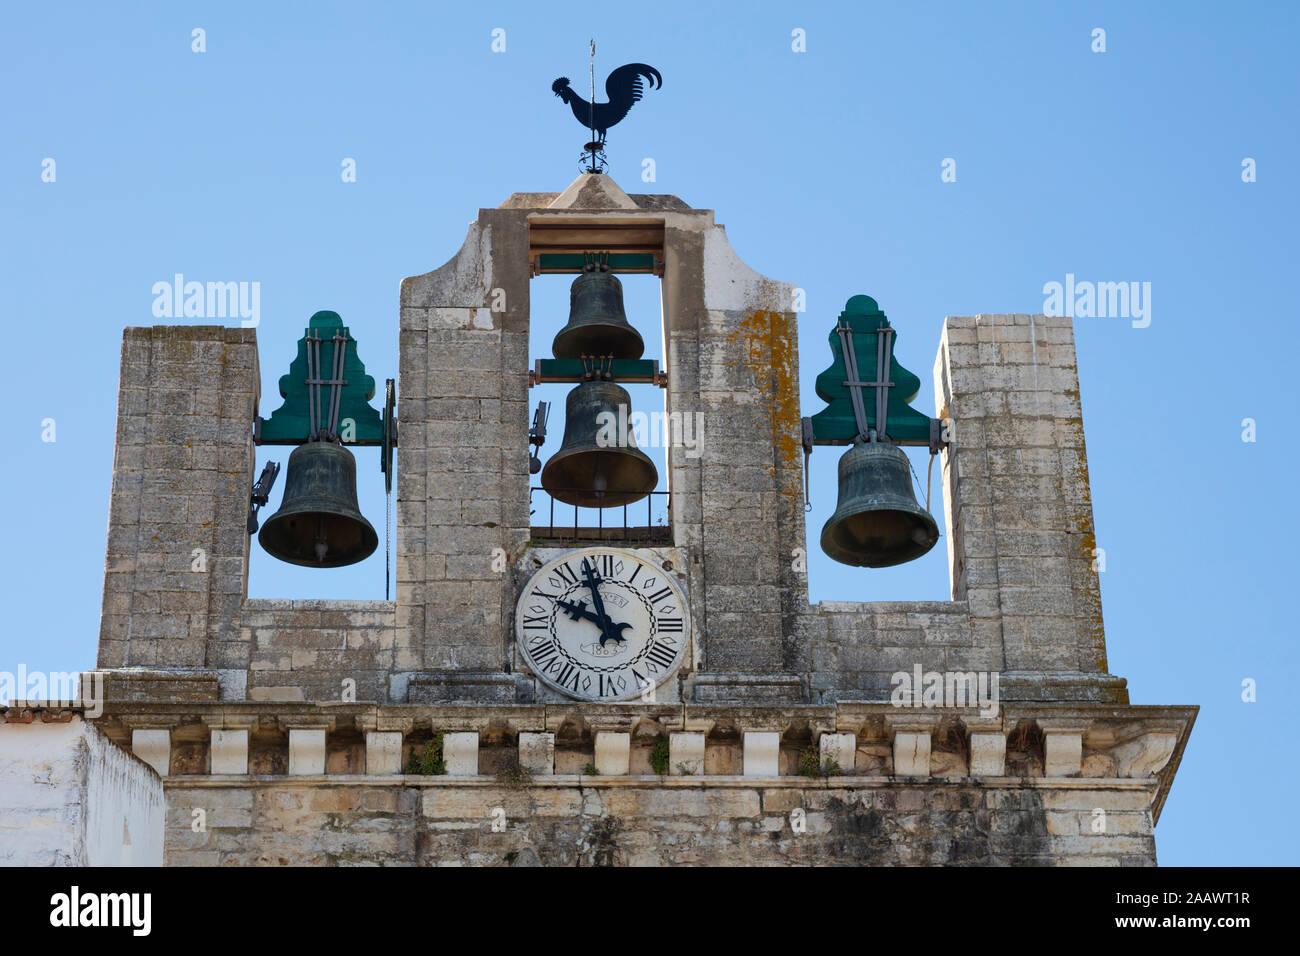 Ángulo de visión baja de campanario contra el cielo claro en Faro, Portugal Foto de stock